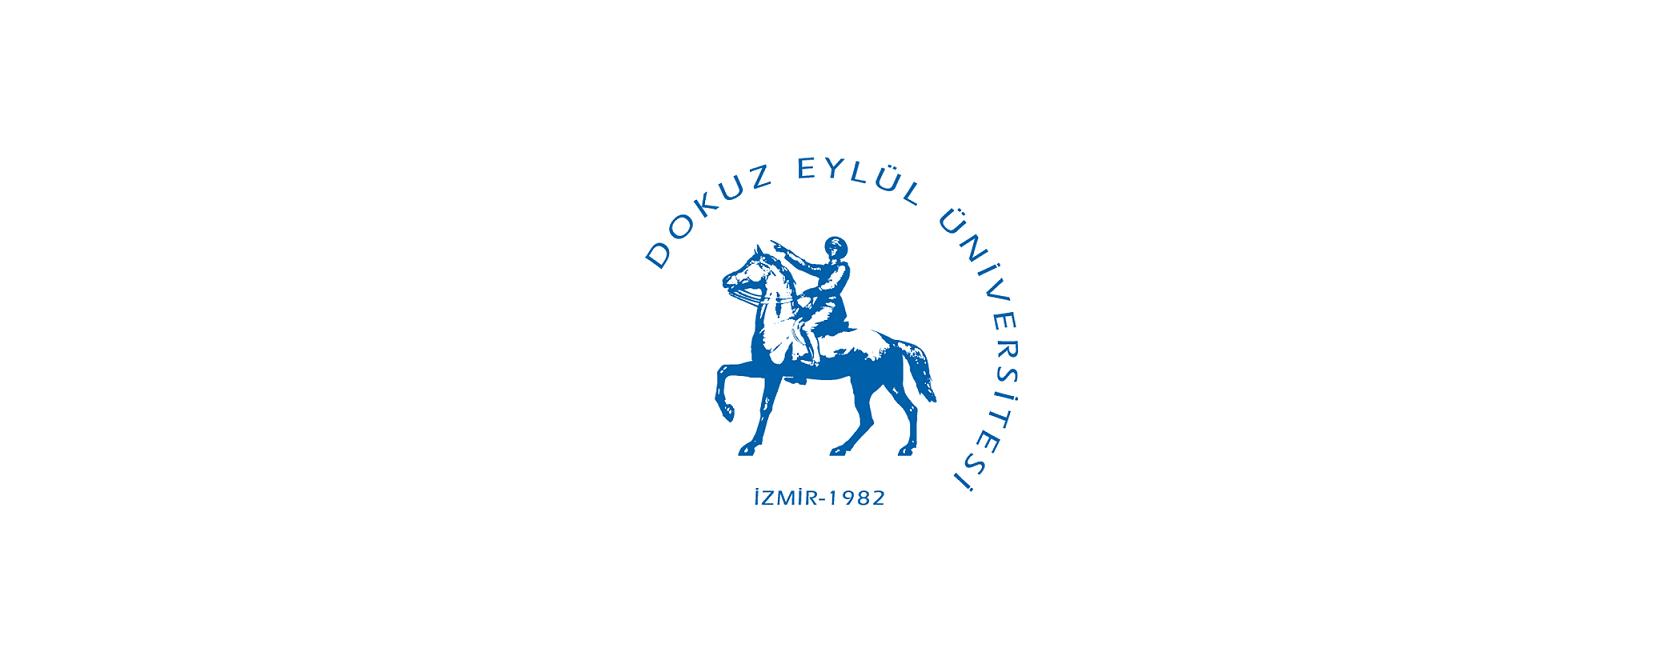 Dokuz Eylül Üniversitesi Yemekhanesi